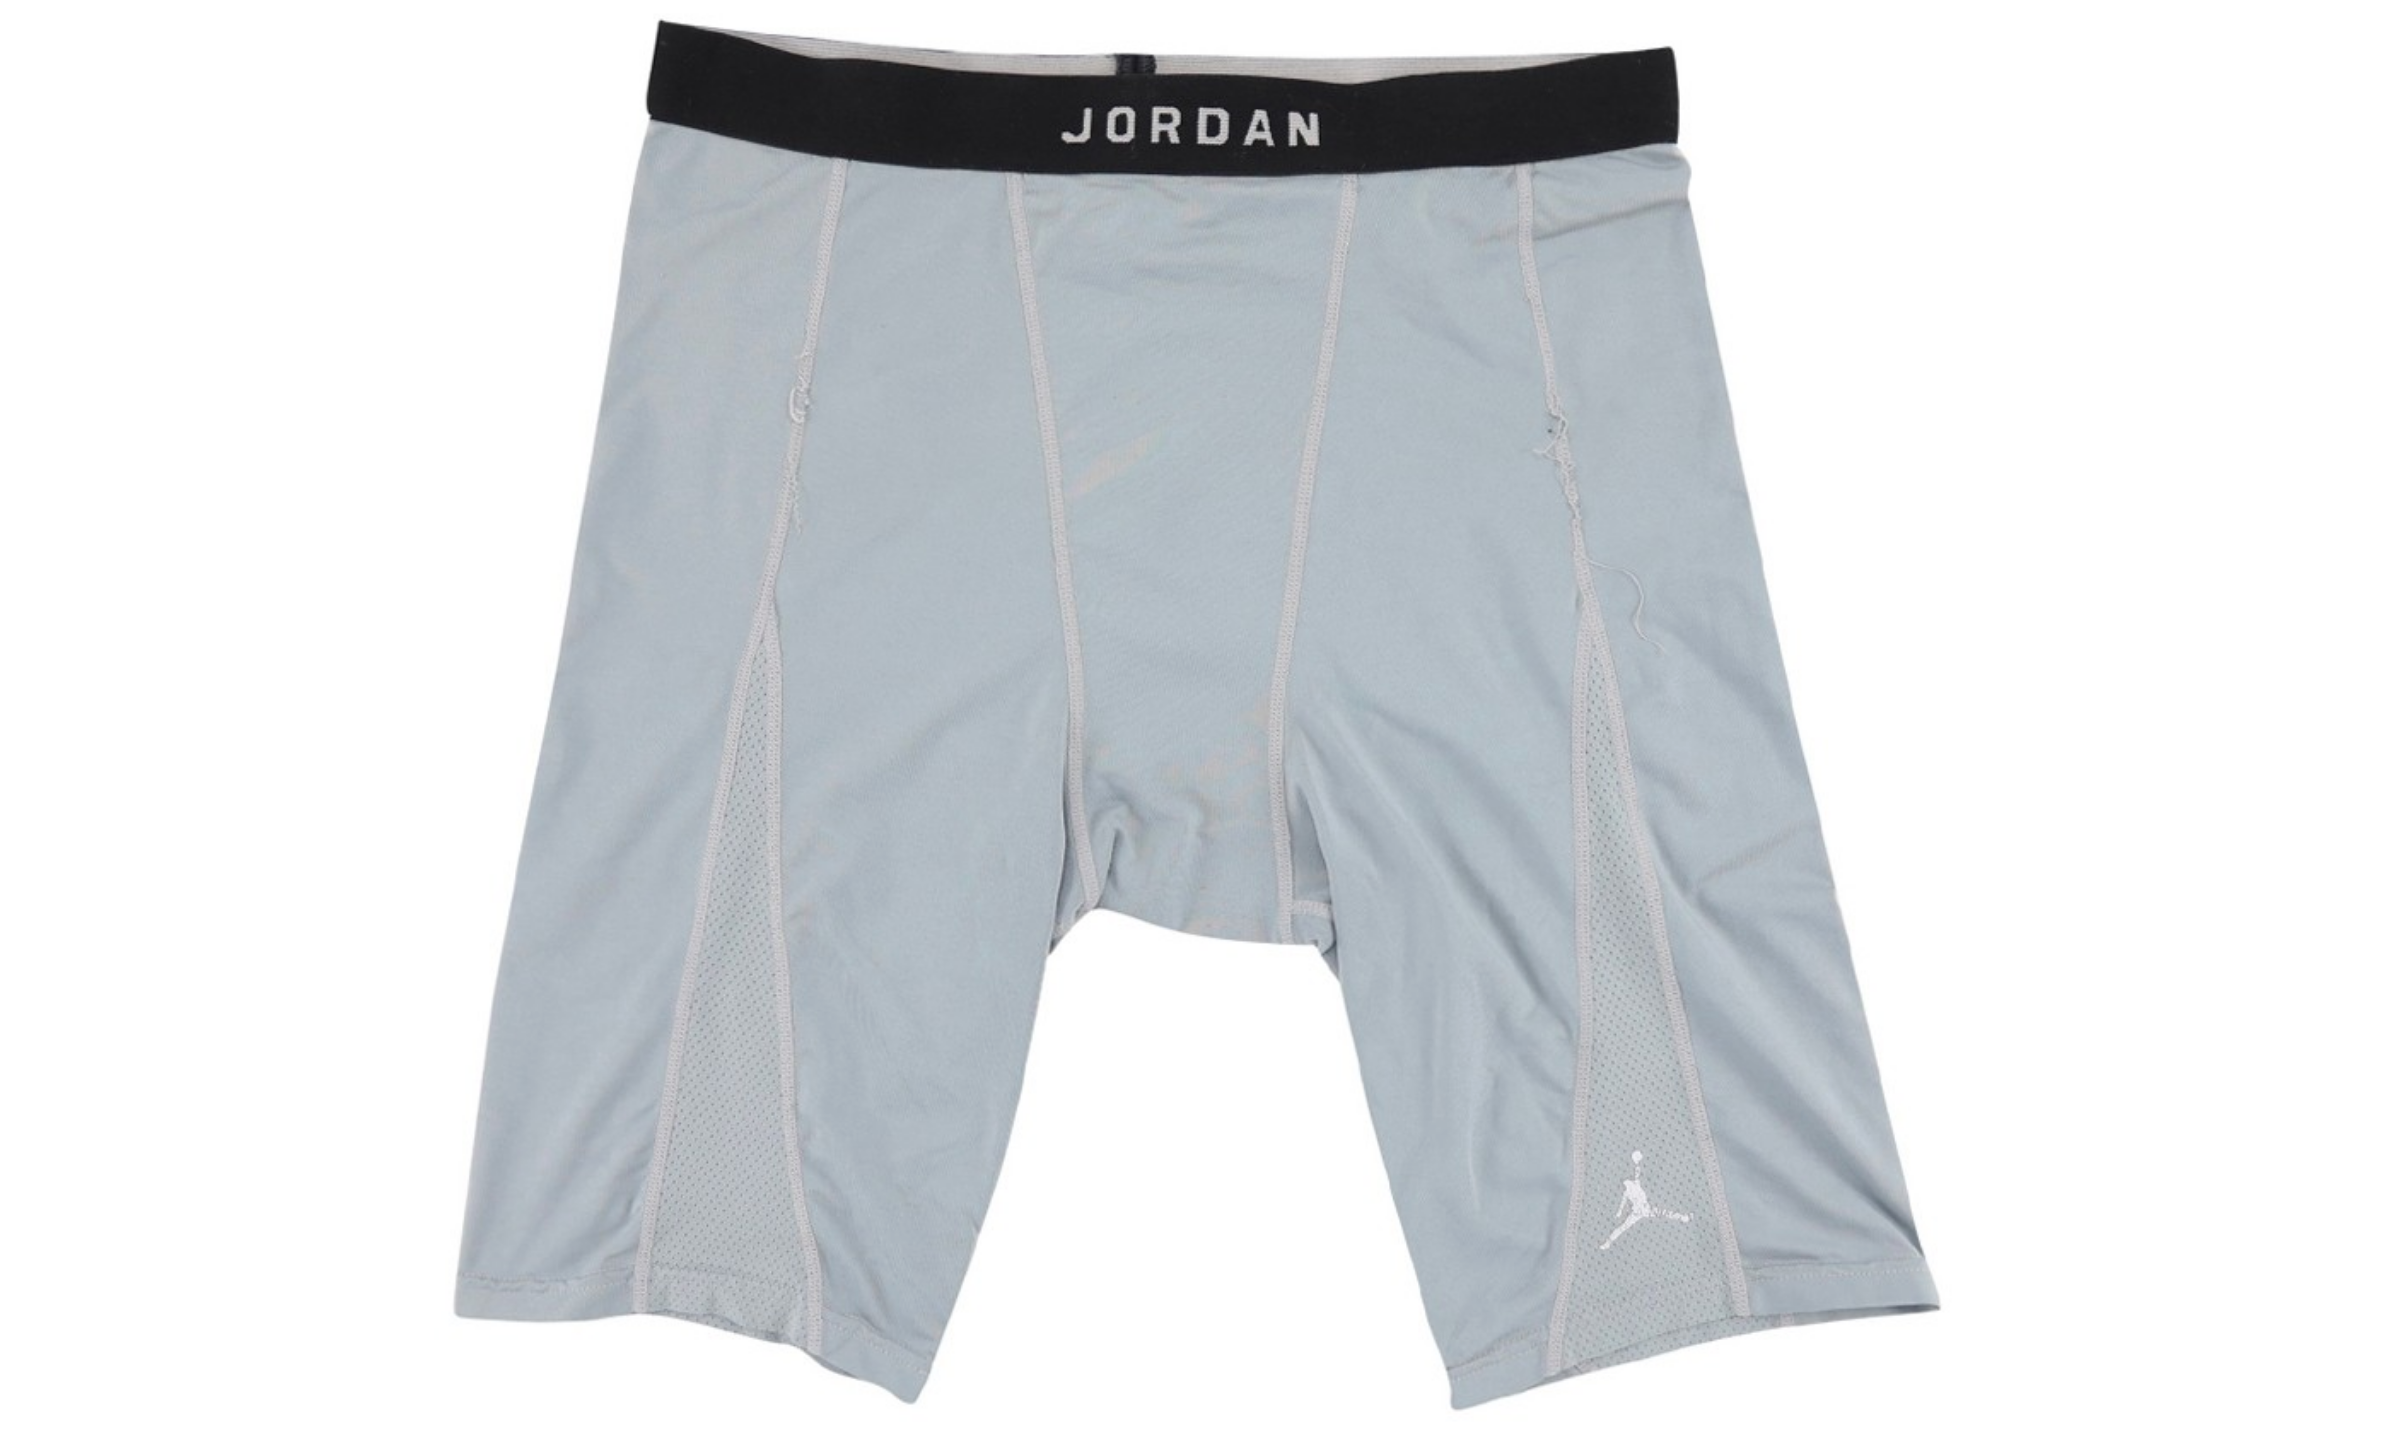 乔丹亲穿紧身裤以 3,340 美元价格售出